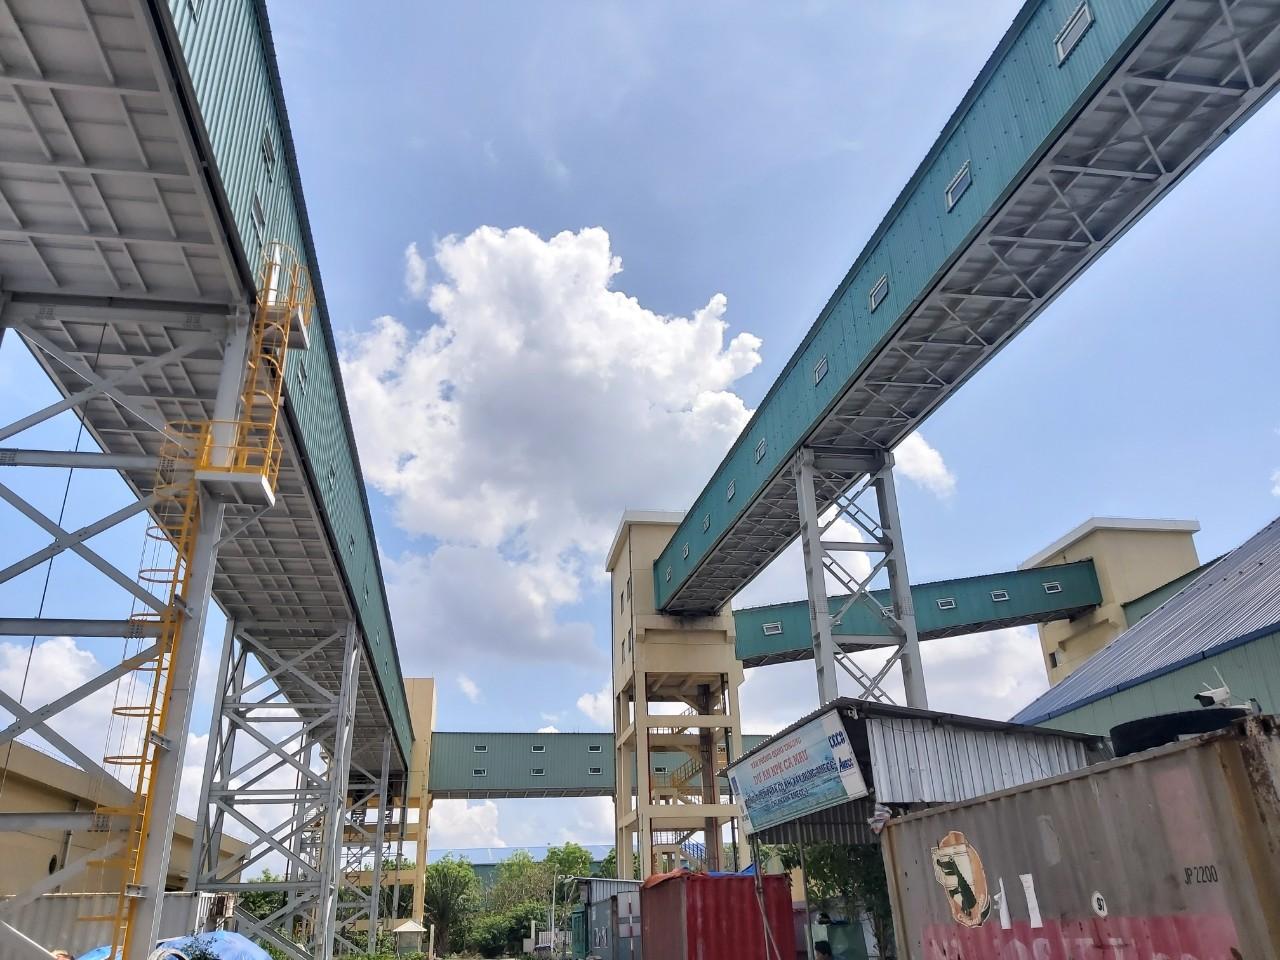 AMECC - Dự án đạm cà mau chạy thử dây chuyền sản xuất phân bón